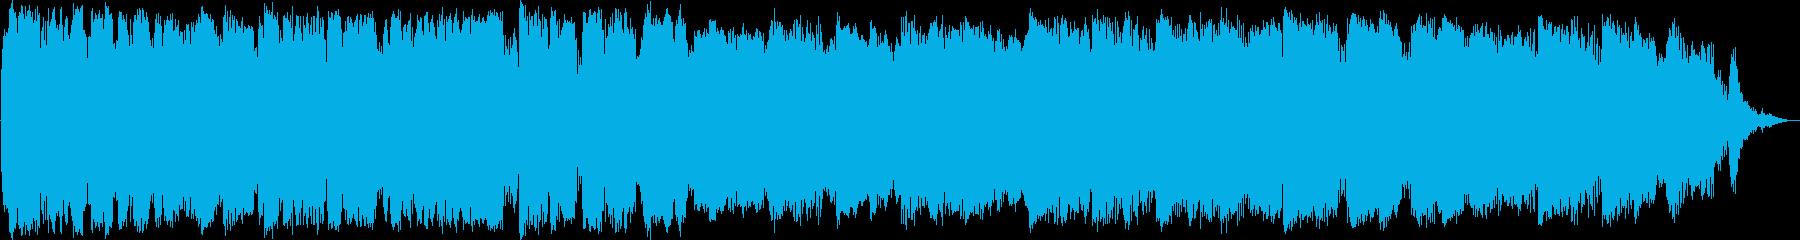 竹笛のアンビエントミュージックの再生済みの波形